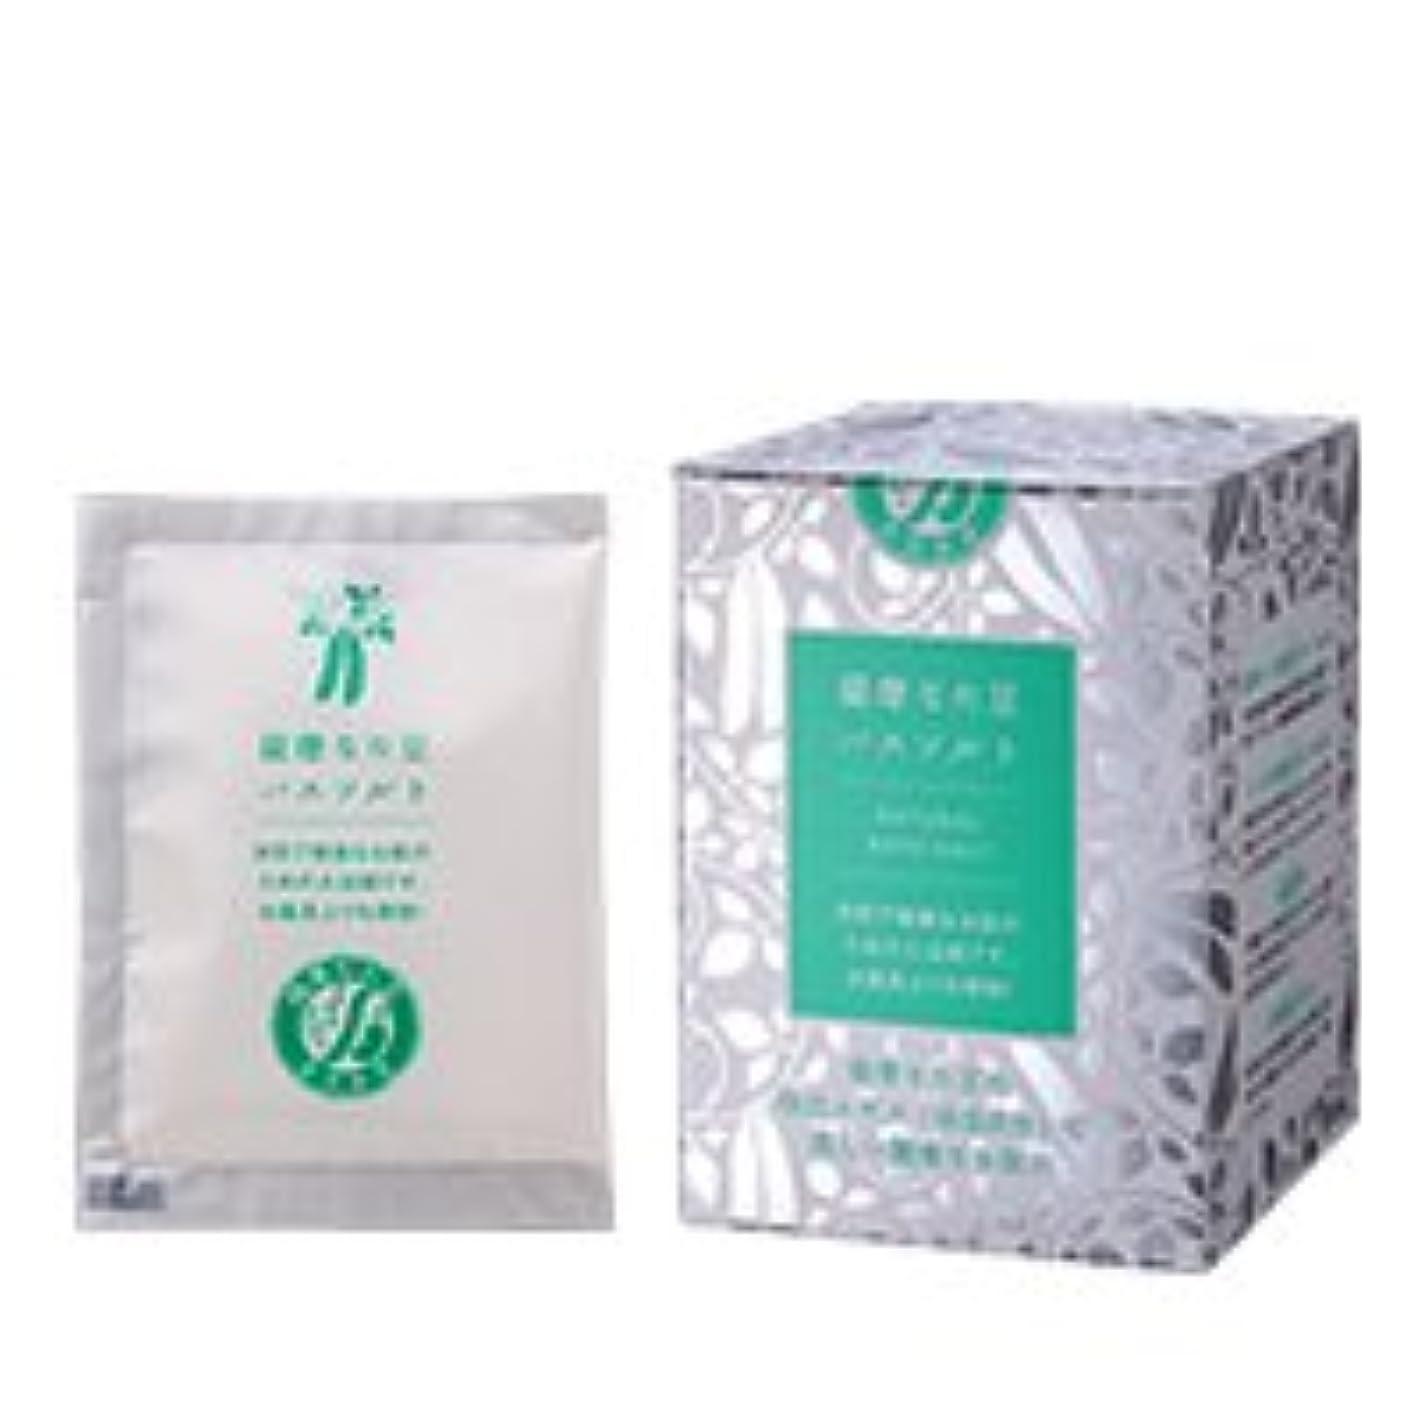 それぞれ用心区画薩摩なた豆バスソルト【薩摩なた豆抽出エキス入り入浴剤?10包入り????????にも!】